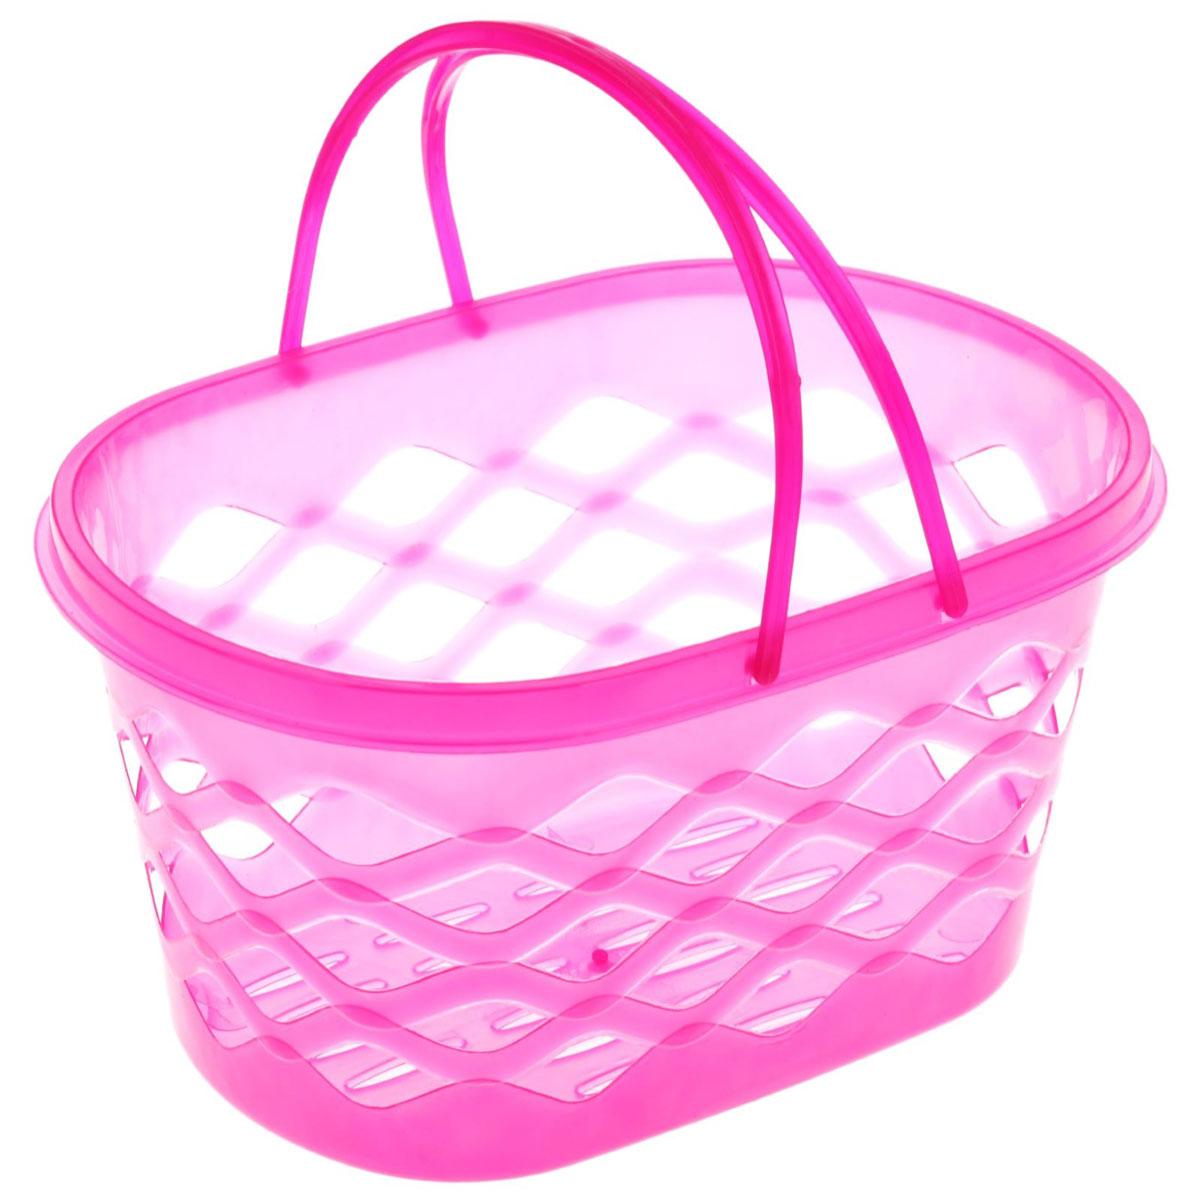 Корзинка для мелочей с ручками,цвет: розовый, 24 x 16 x 12 см184987_розовый